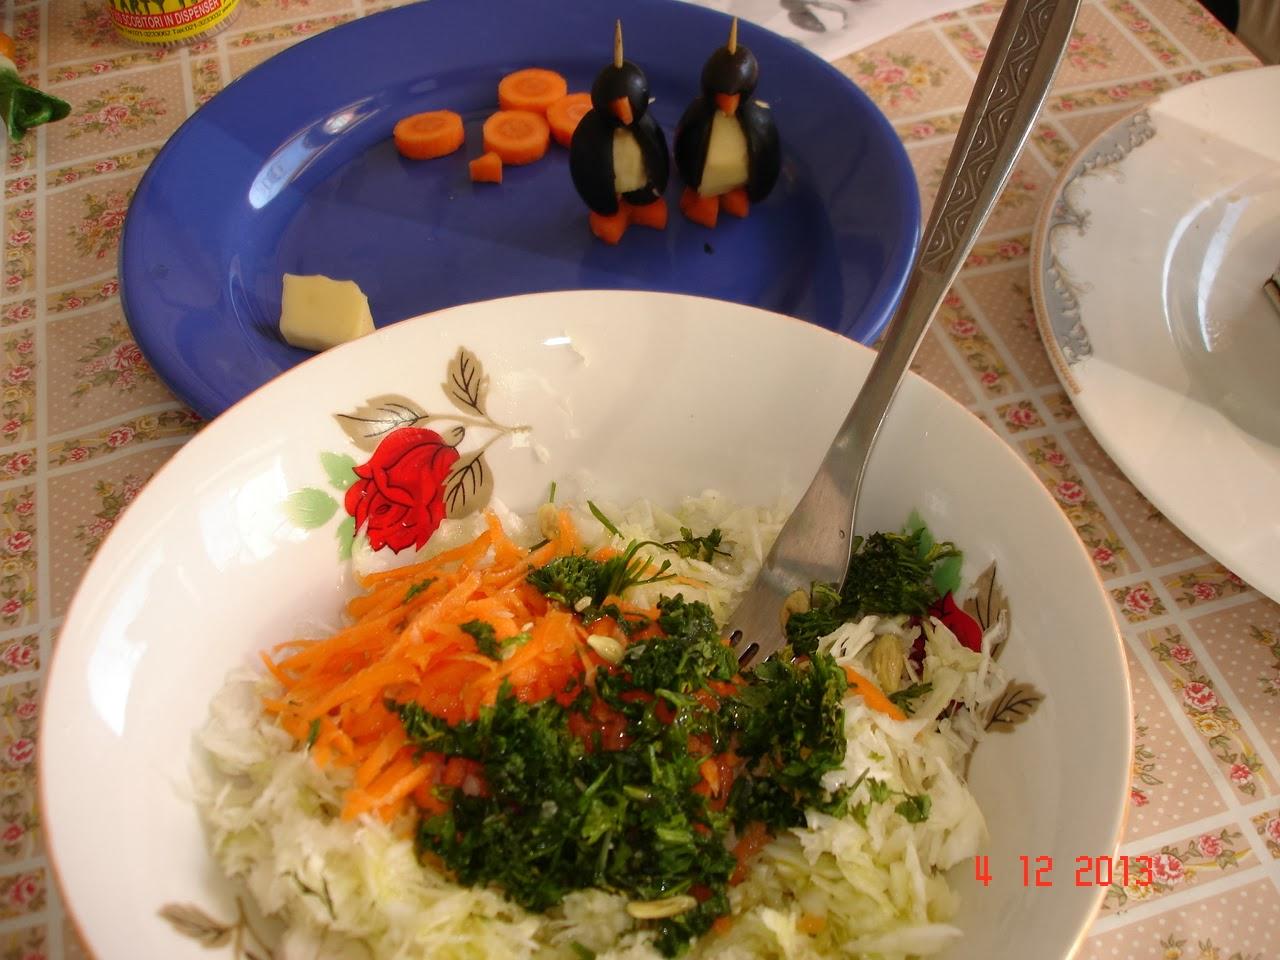 pinguini cu salata de varza